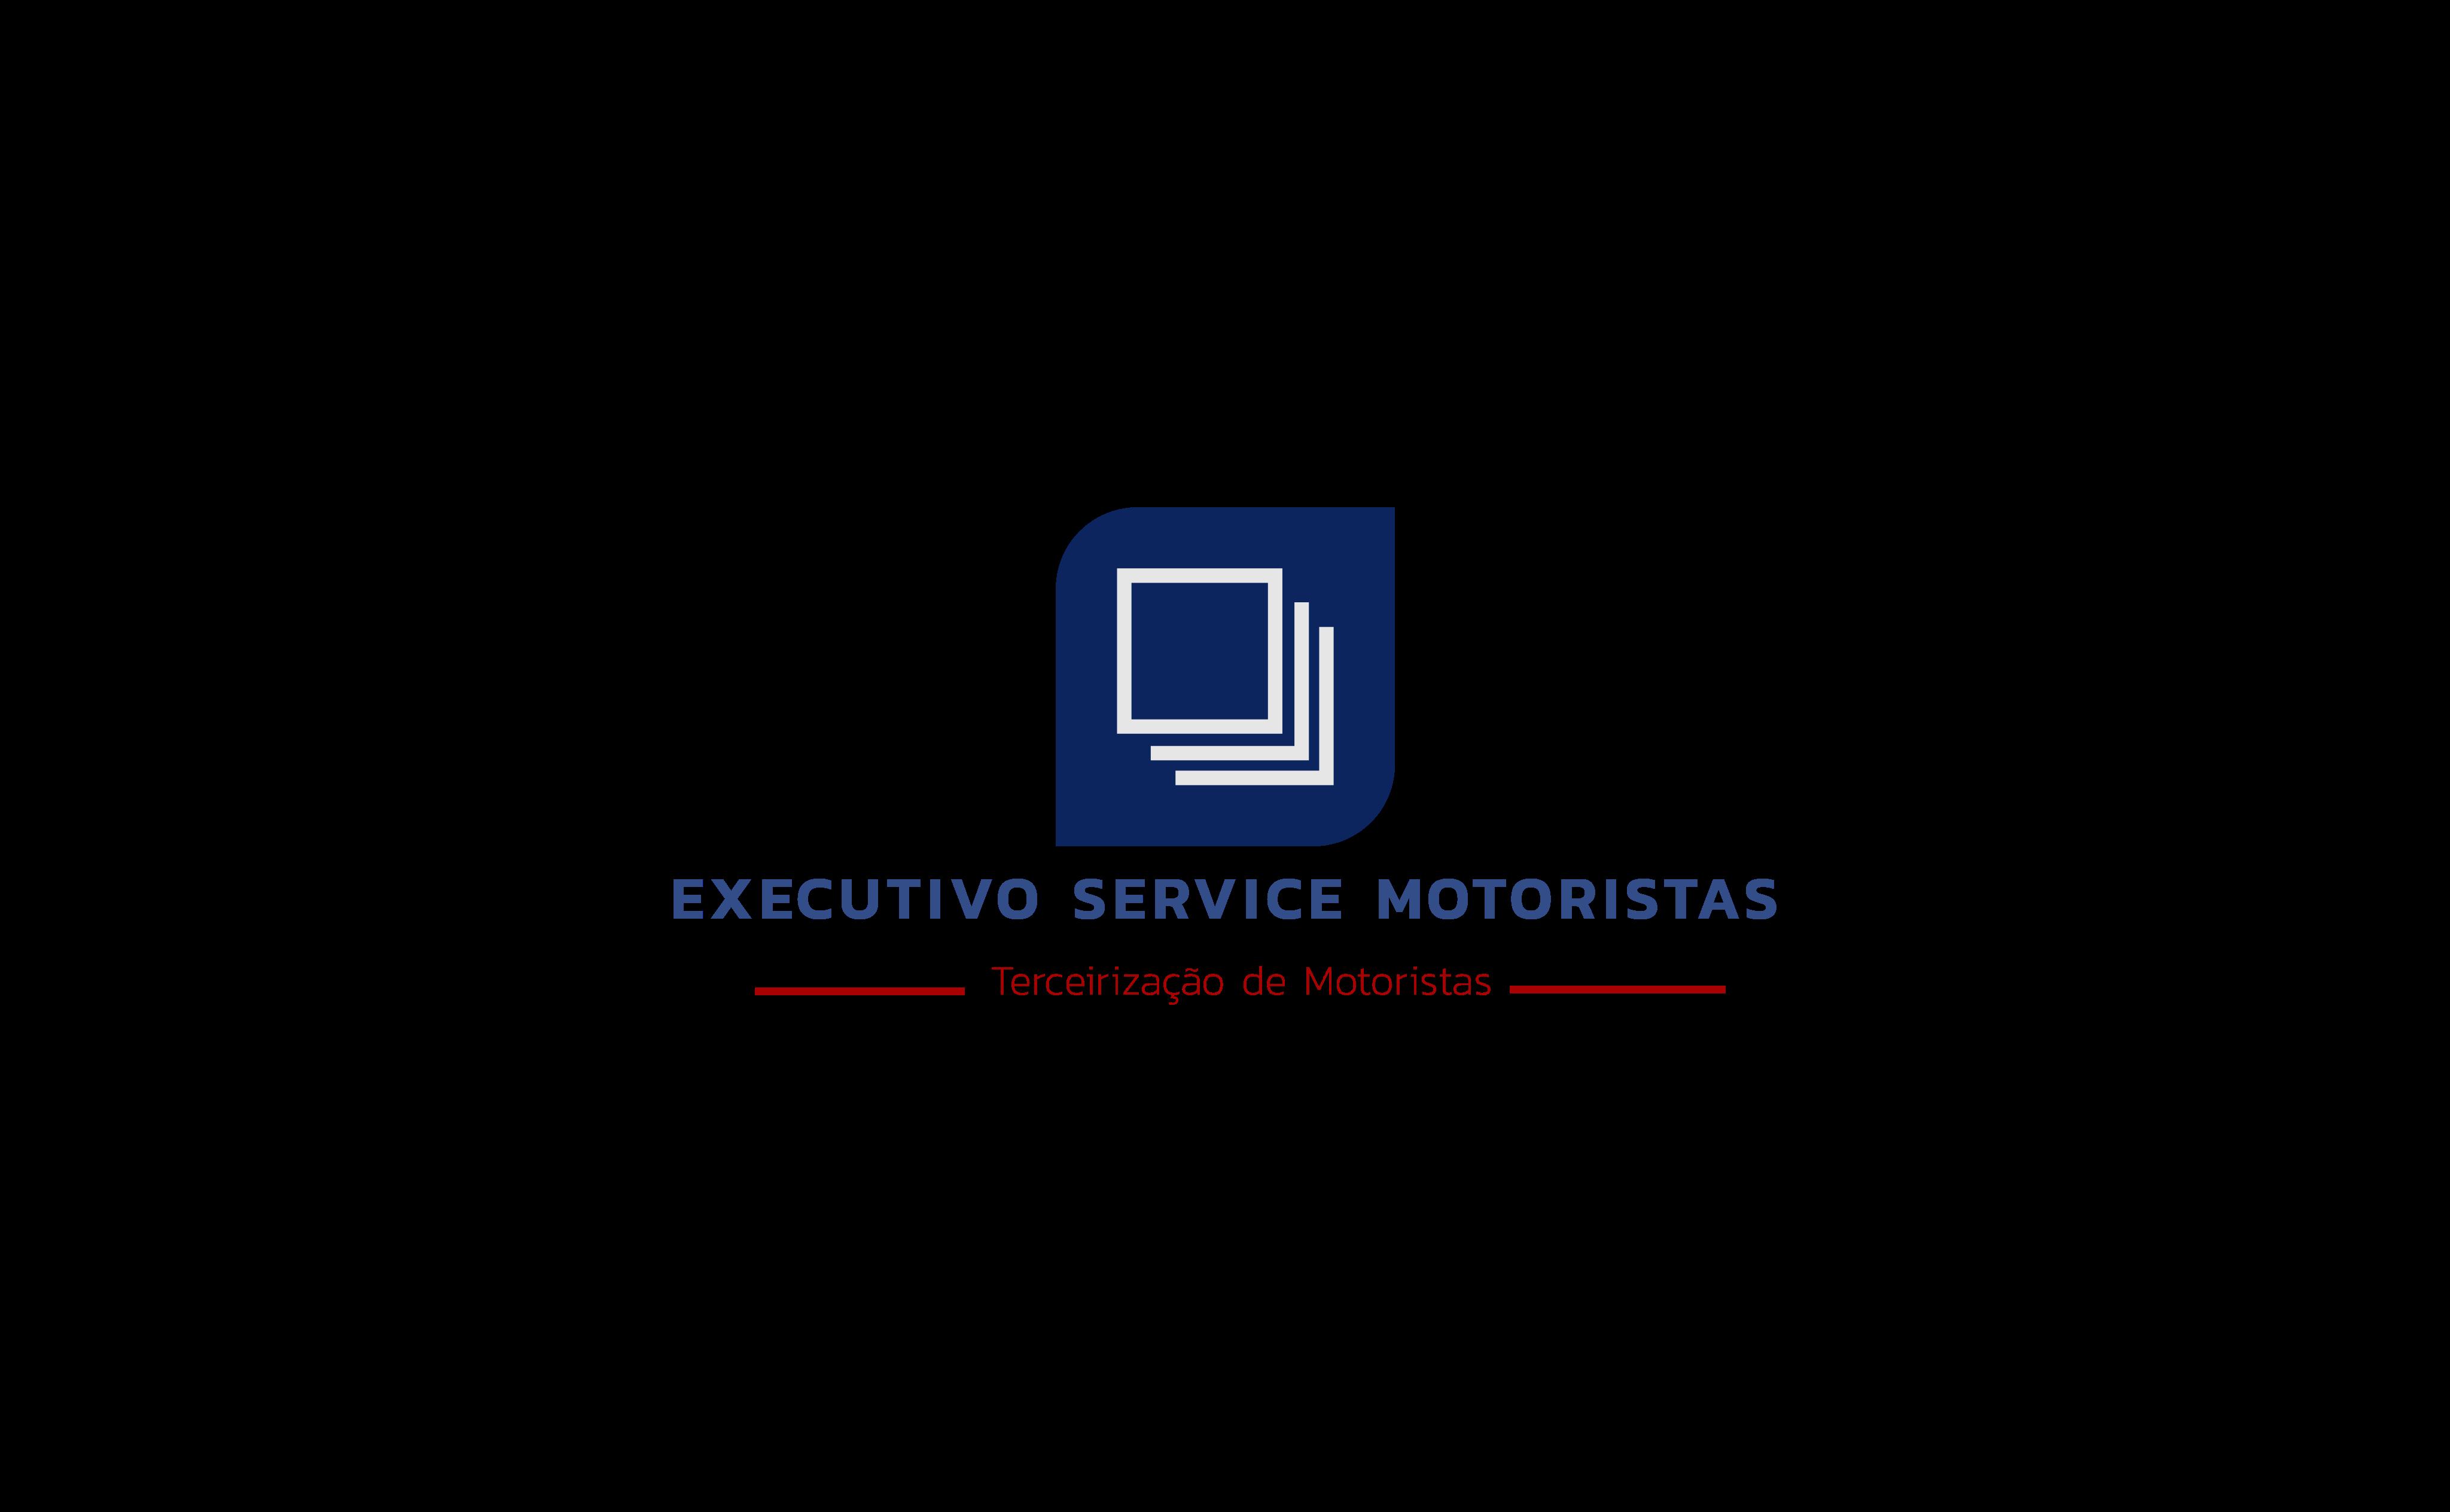 SERVIÇO DE MOTORISTA